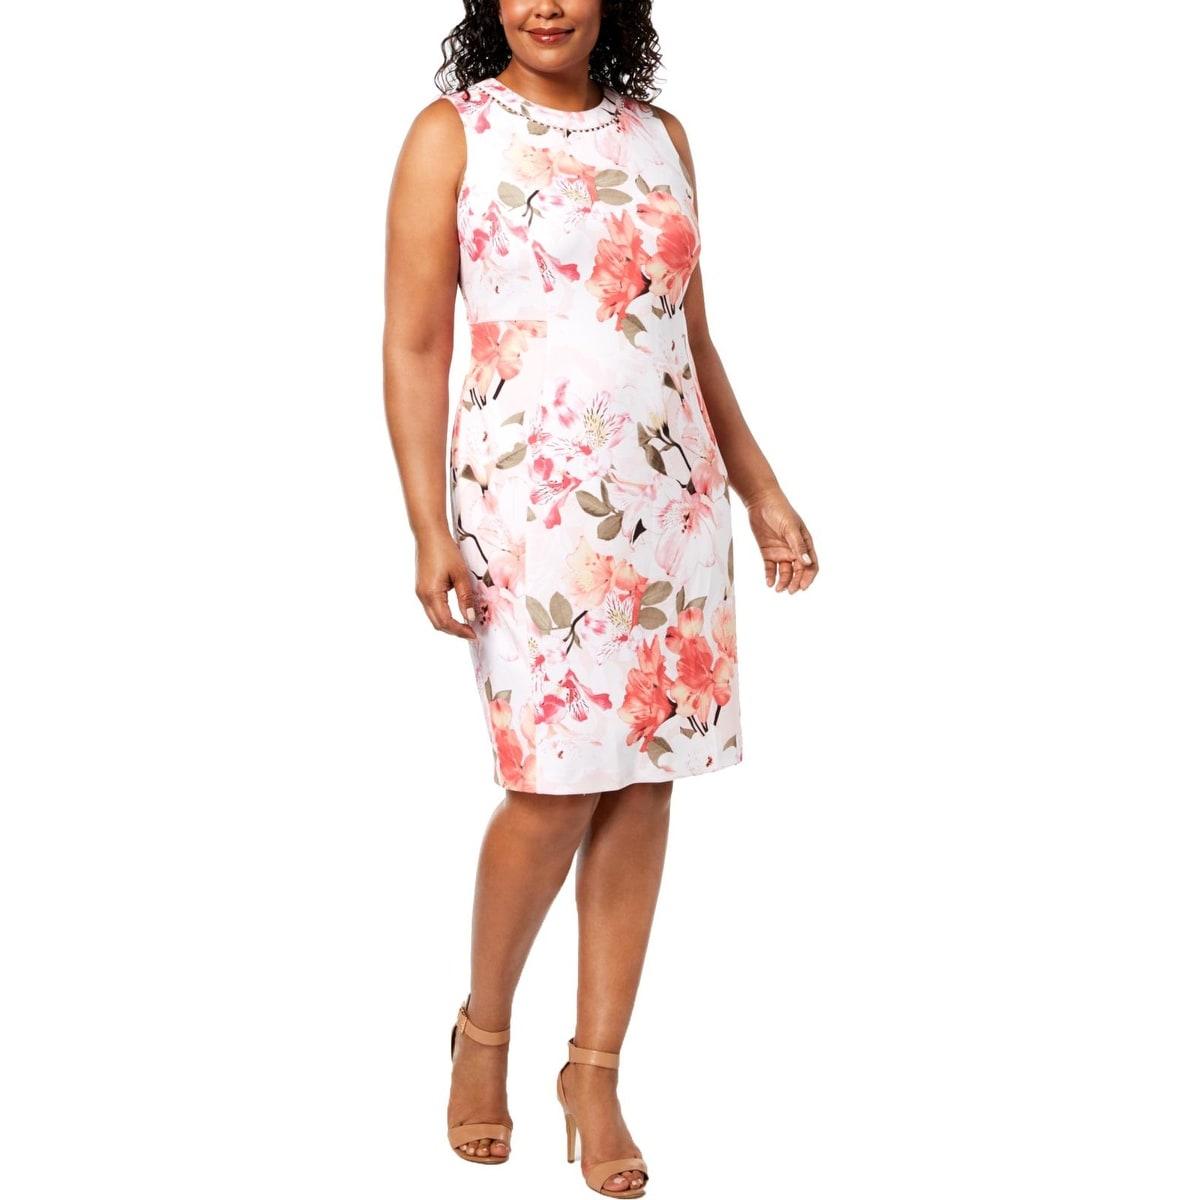 c5dadd2301e Calvin Klein Women s Plus-Size Clothing